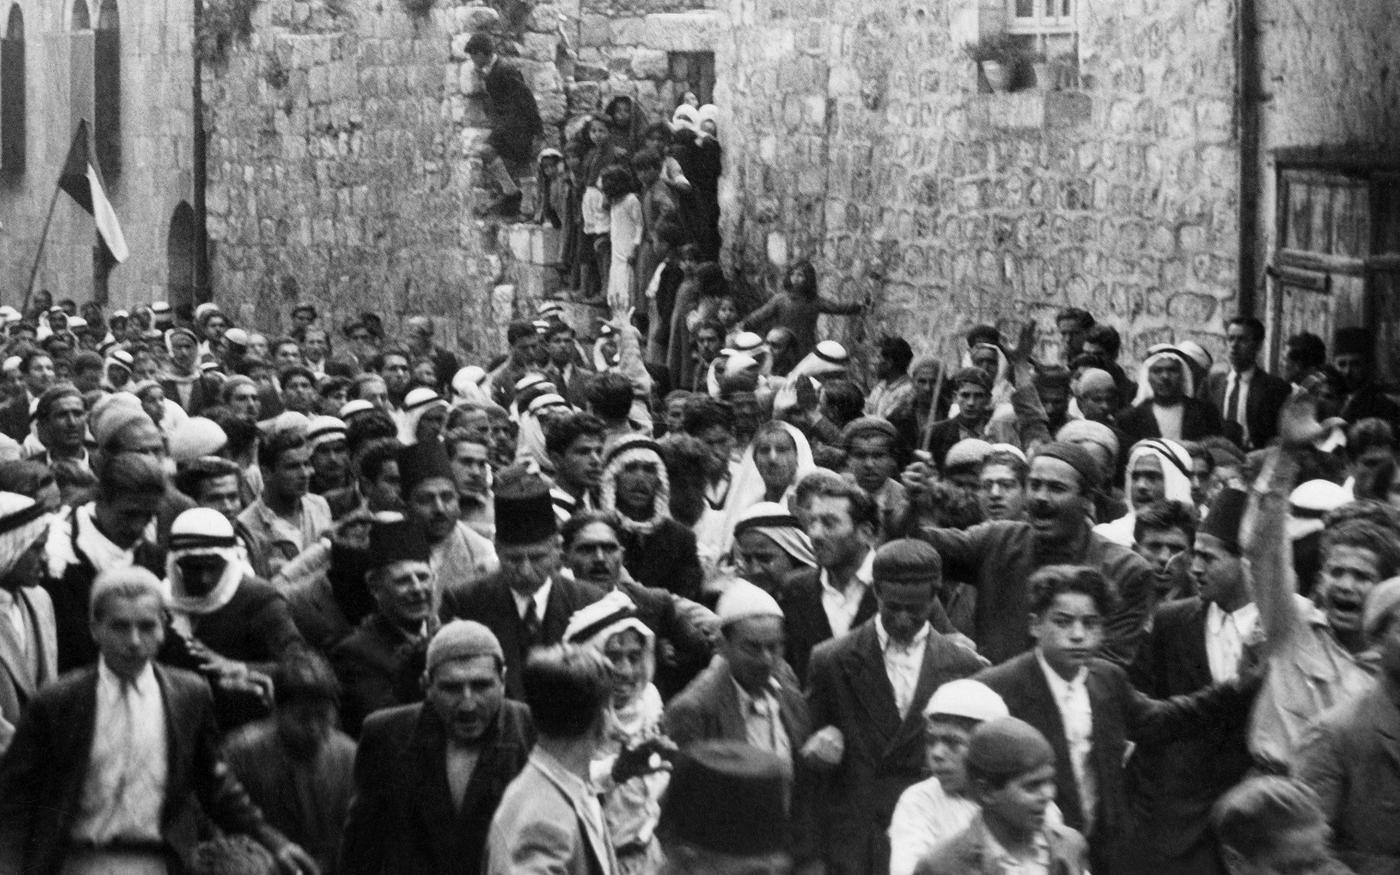 Une photo datée d'avant 1937 pendant le mandat britannique en Palestine montre des Arabes manifestant dans la vieille ville de Jérusalem contre l'immigration juive (AFP)